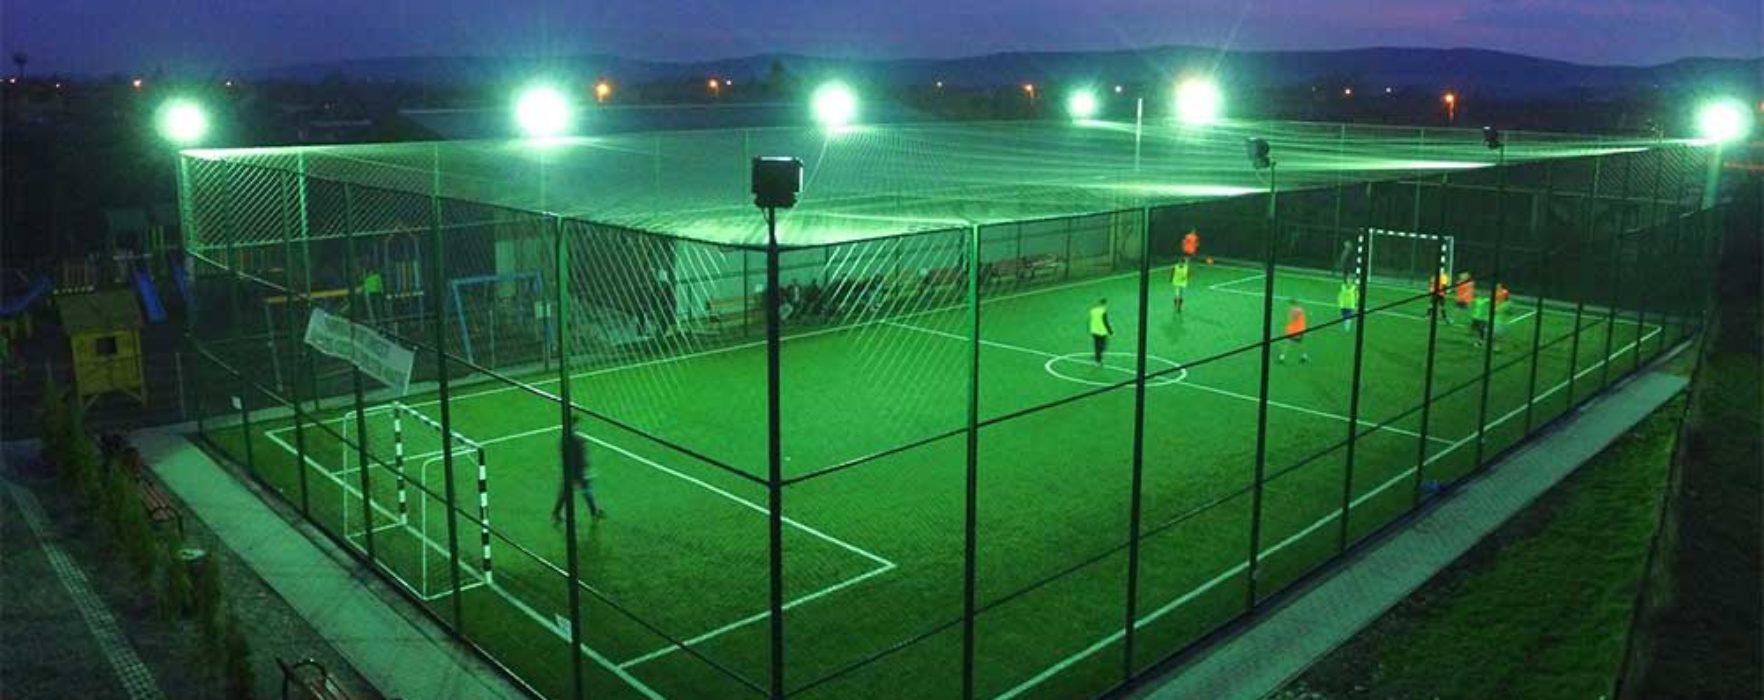 Primăria Târgovişte va construi, în parteneriat cu FRF, un teren de fotbal cu gazon sintetic